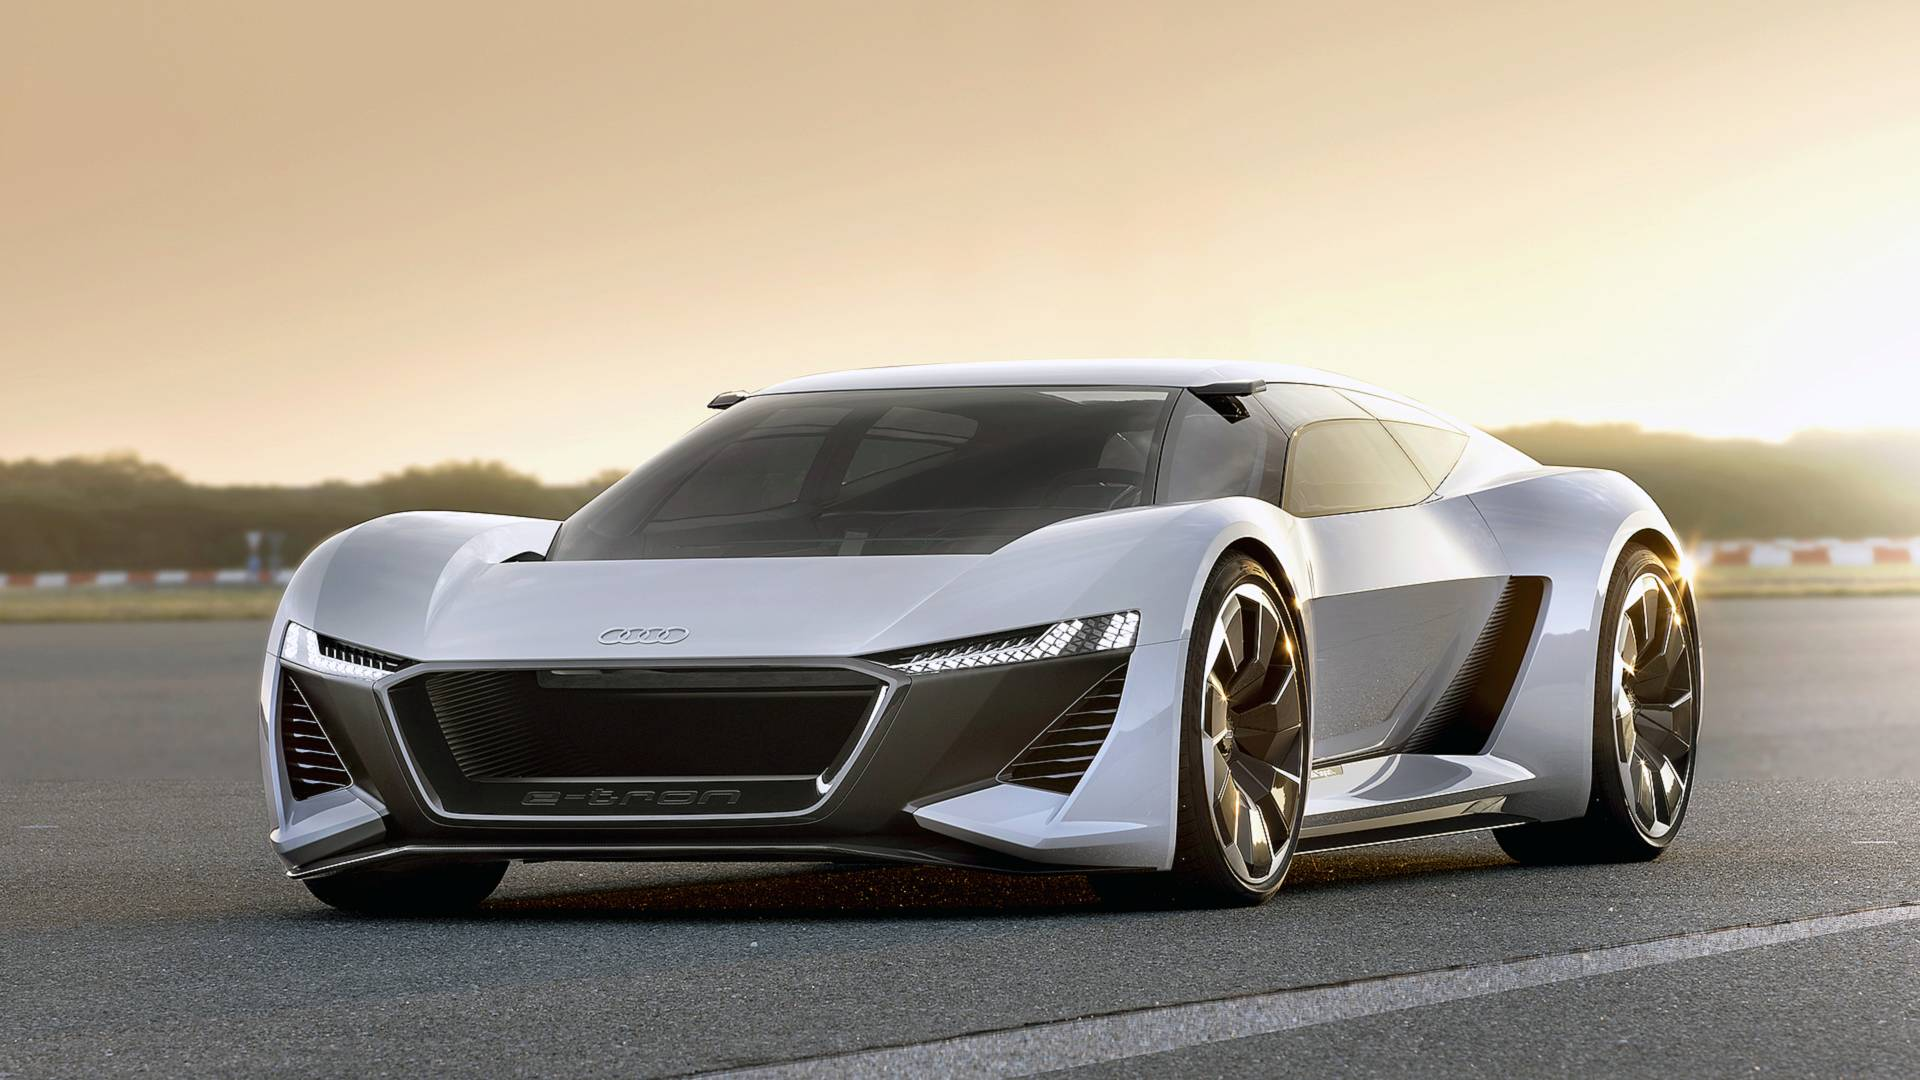 Само 50 среќници ќе станат сопственици на суперавтомобилот PB18 E-Tron